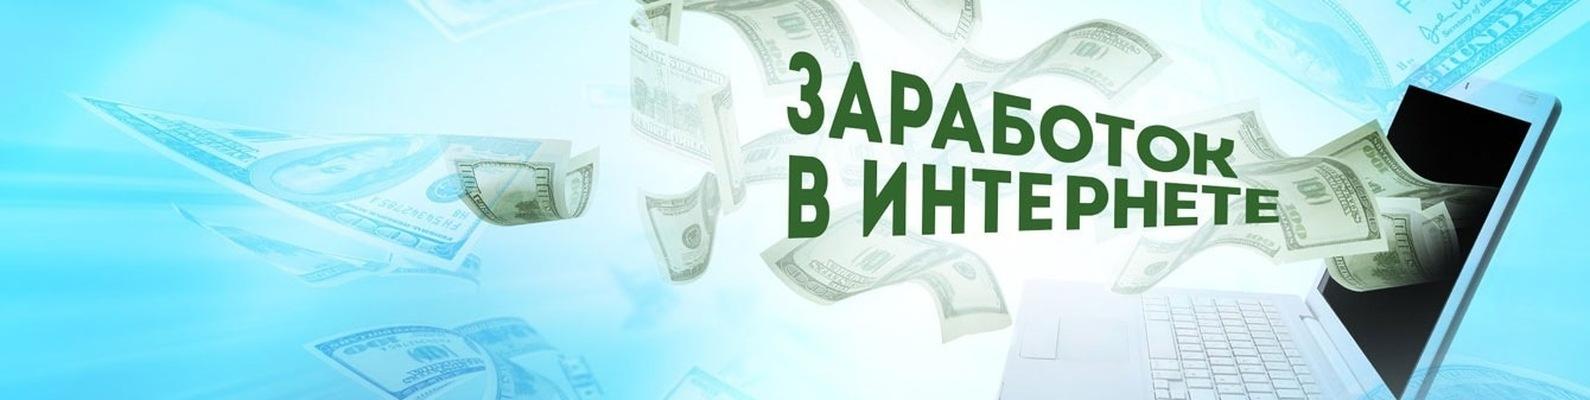 Атф банк условия кредита